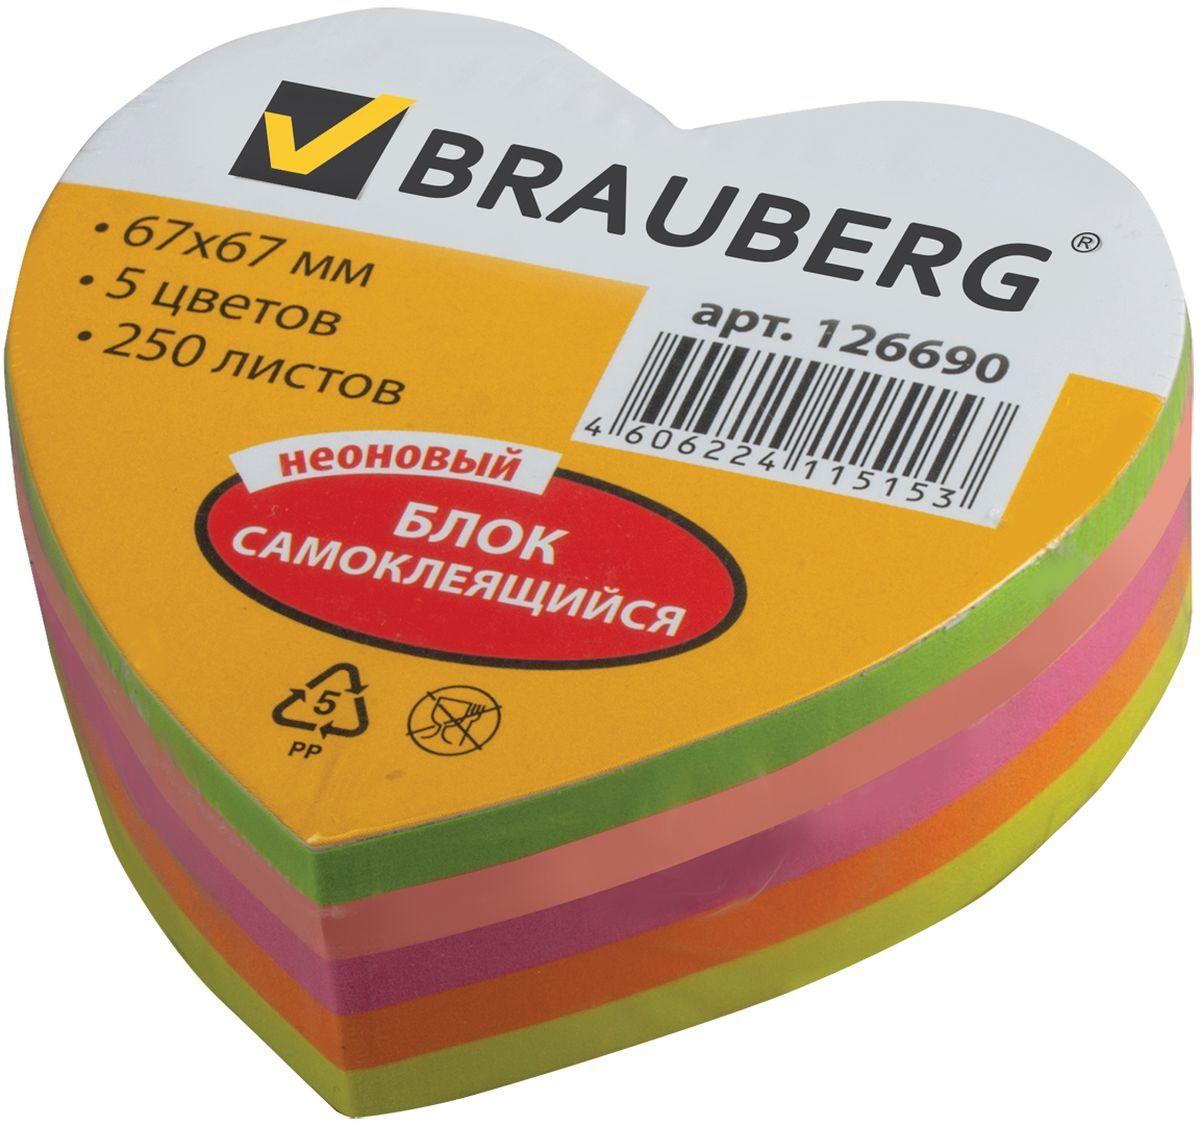 Brauberg Бумага для заметок Сердце 250 листов0703415Яркая бумага для заметок Brauberg Сердце непременно привлечет к себе внимание.Бумага состоит из двухсот пятидесяти разноцветных листочков, которые удобны для заметок, объявлений и других коротких сообщений. Листочки легко приклеиваются к любой поверхности, будь то бумага, корпус монитора или дверь. Также они не оставляют следов после отклеивания.